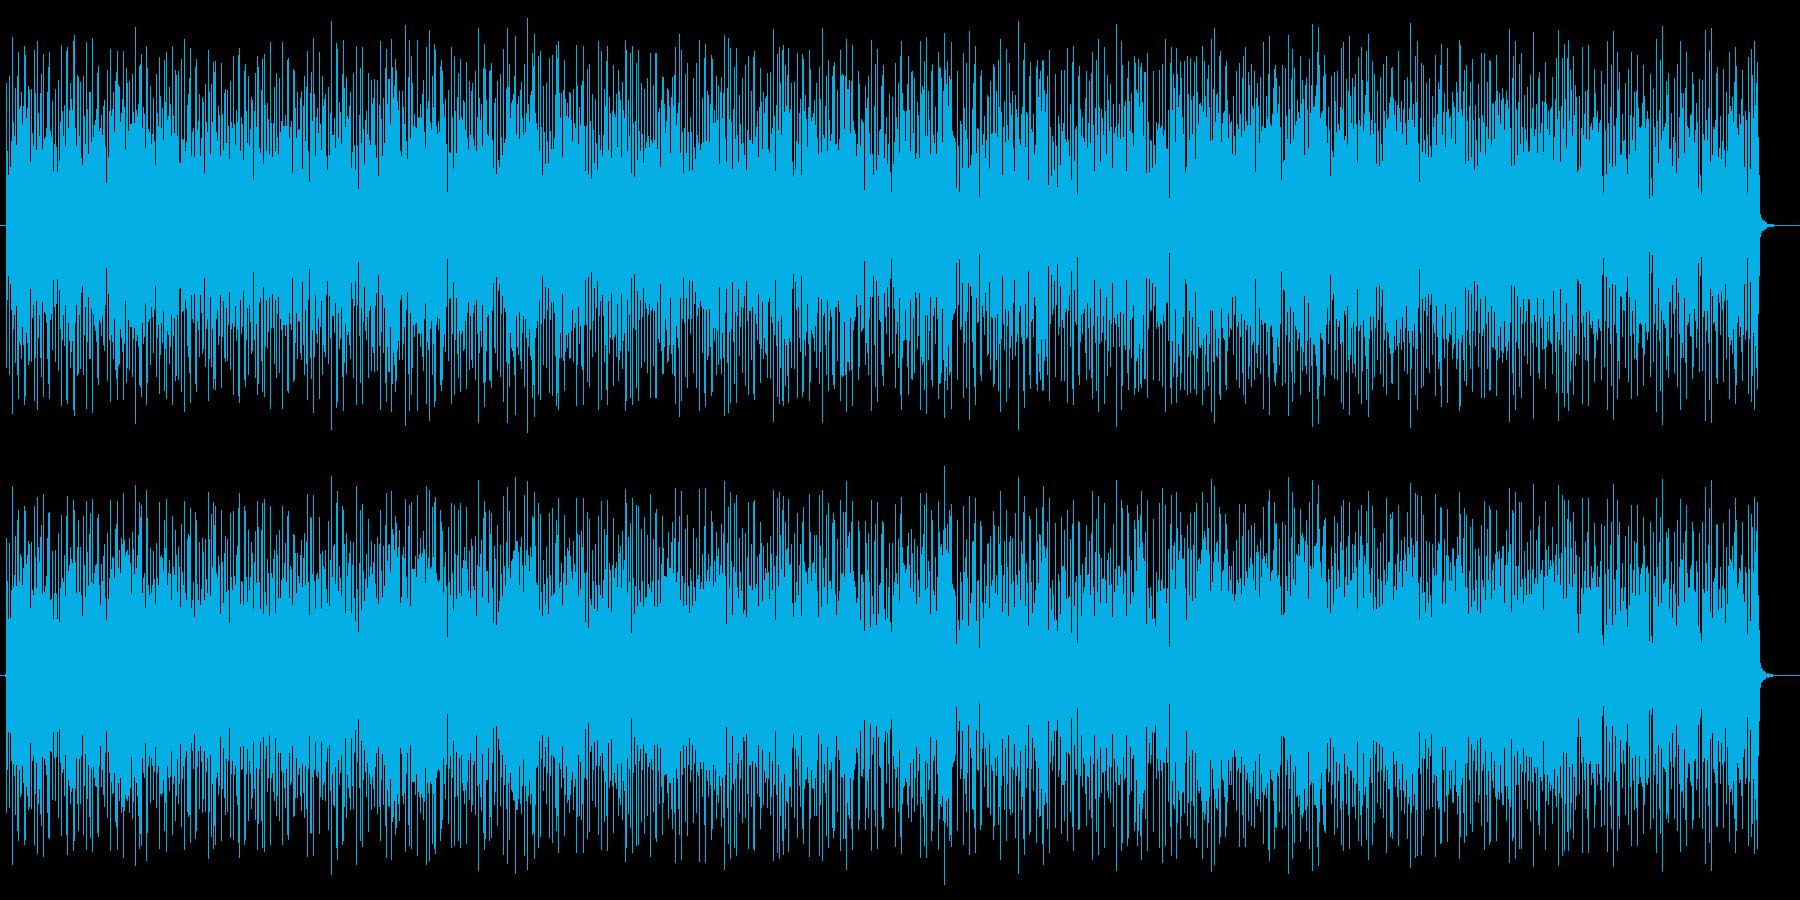 ロボット感のあるシンセサイザーテクノの再生済みの波形